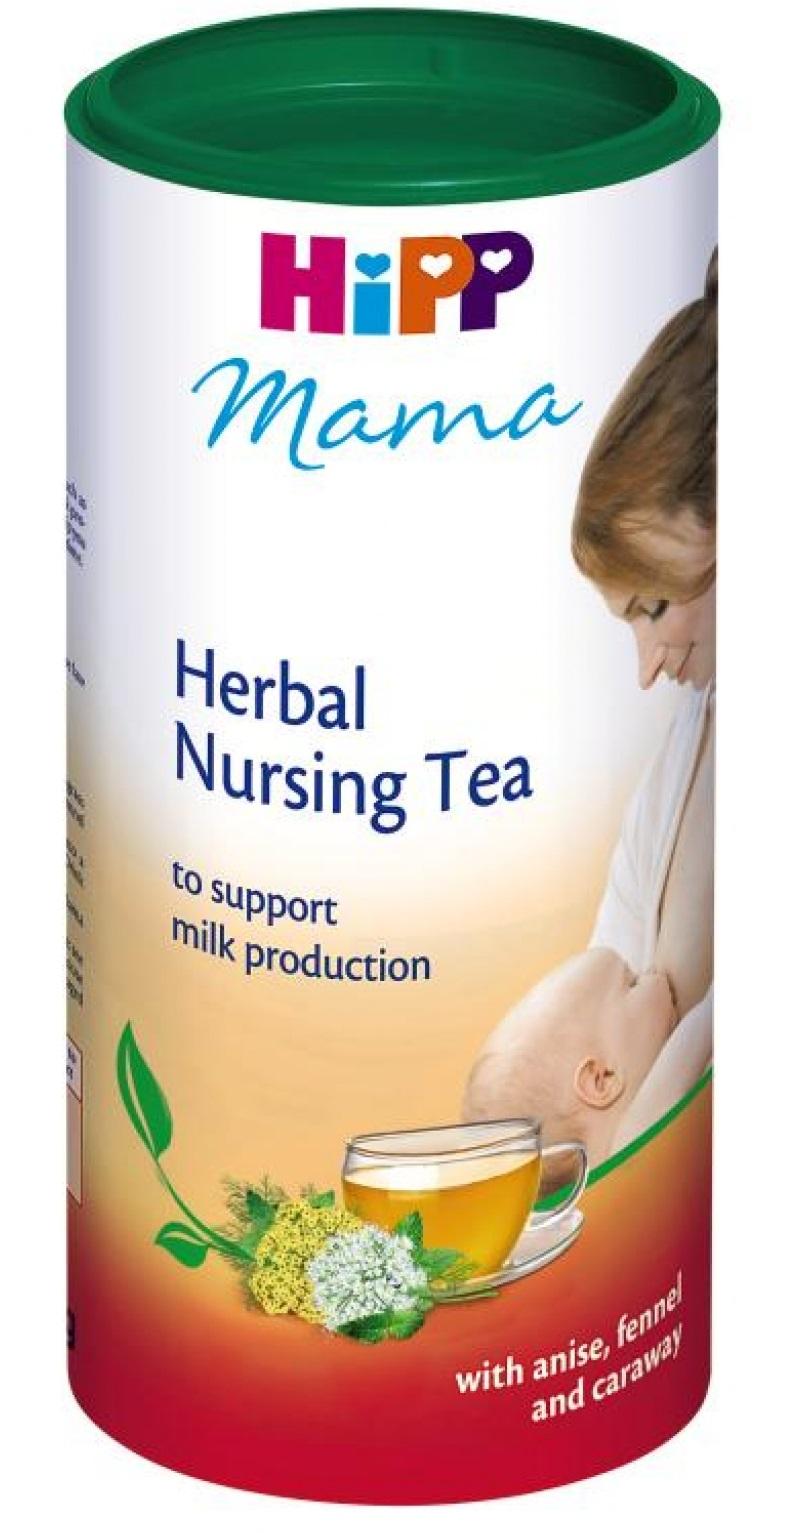 Trà lợi sữa Hipp là một dạng cốm lợi sữa có tác dụng rất tốt trong quá trình duy trì nguồn sữa mẹ sau sinh cho bé